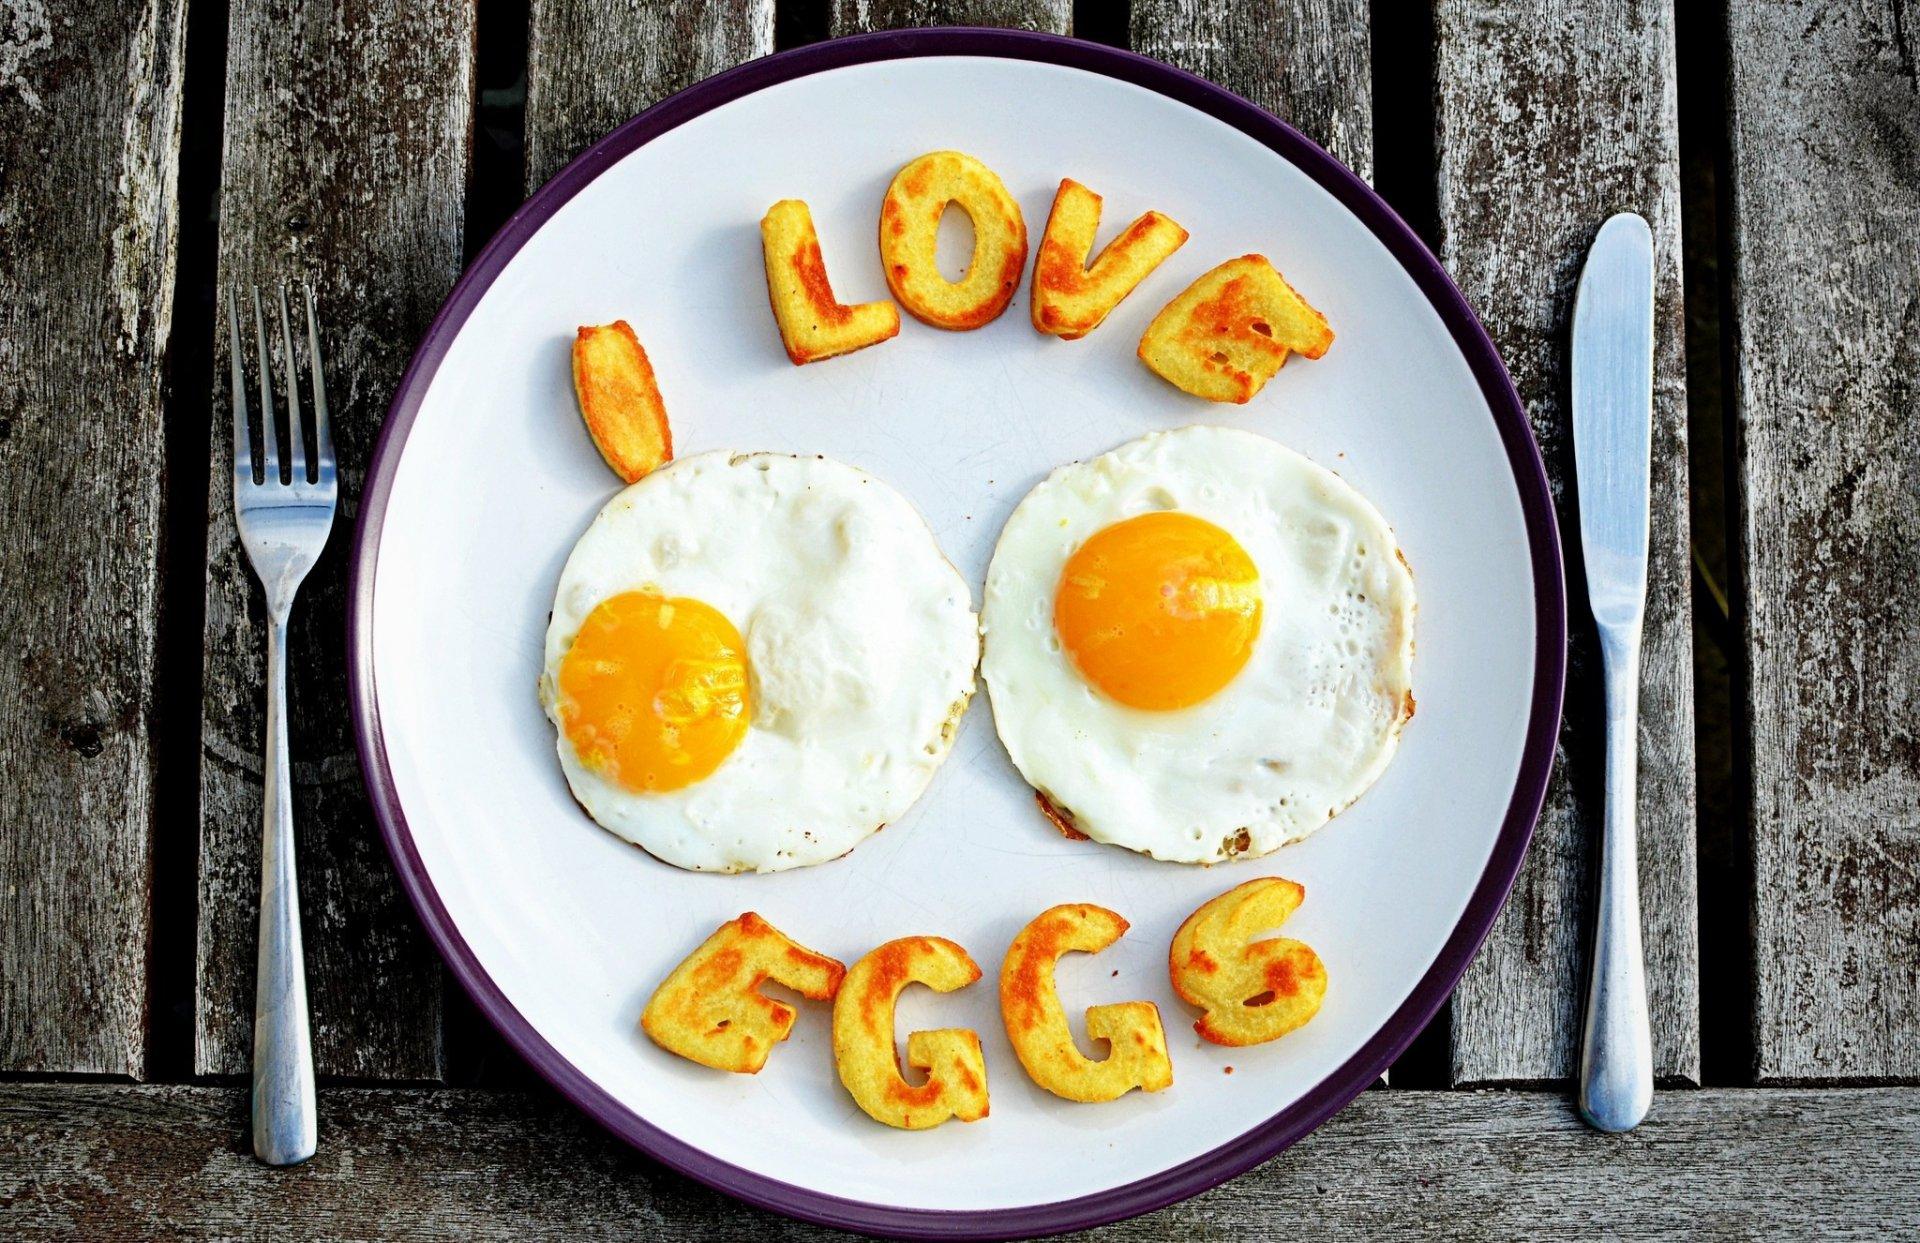 с добрым утром картинки с едой на тарелке прикольные смотрел